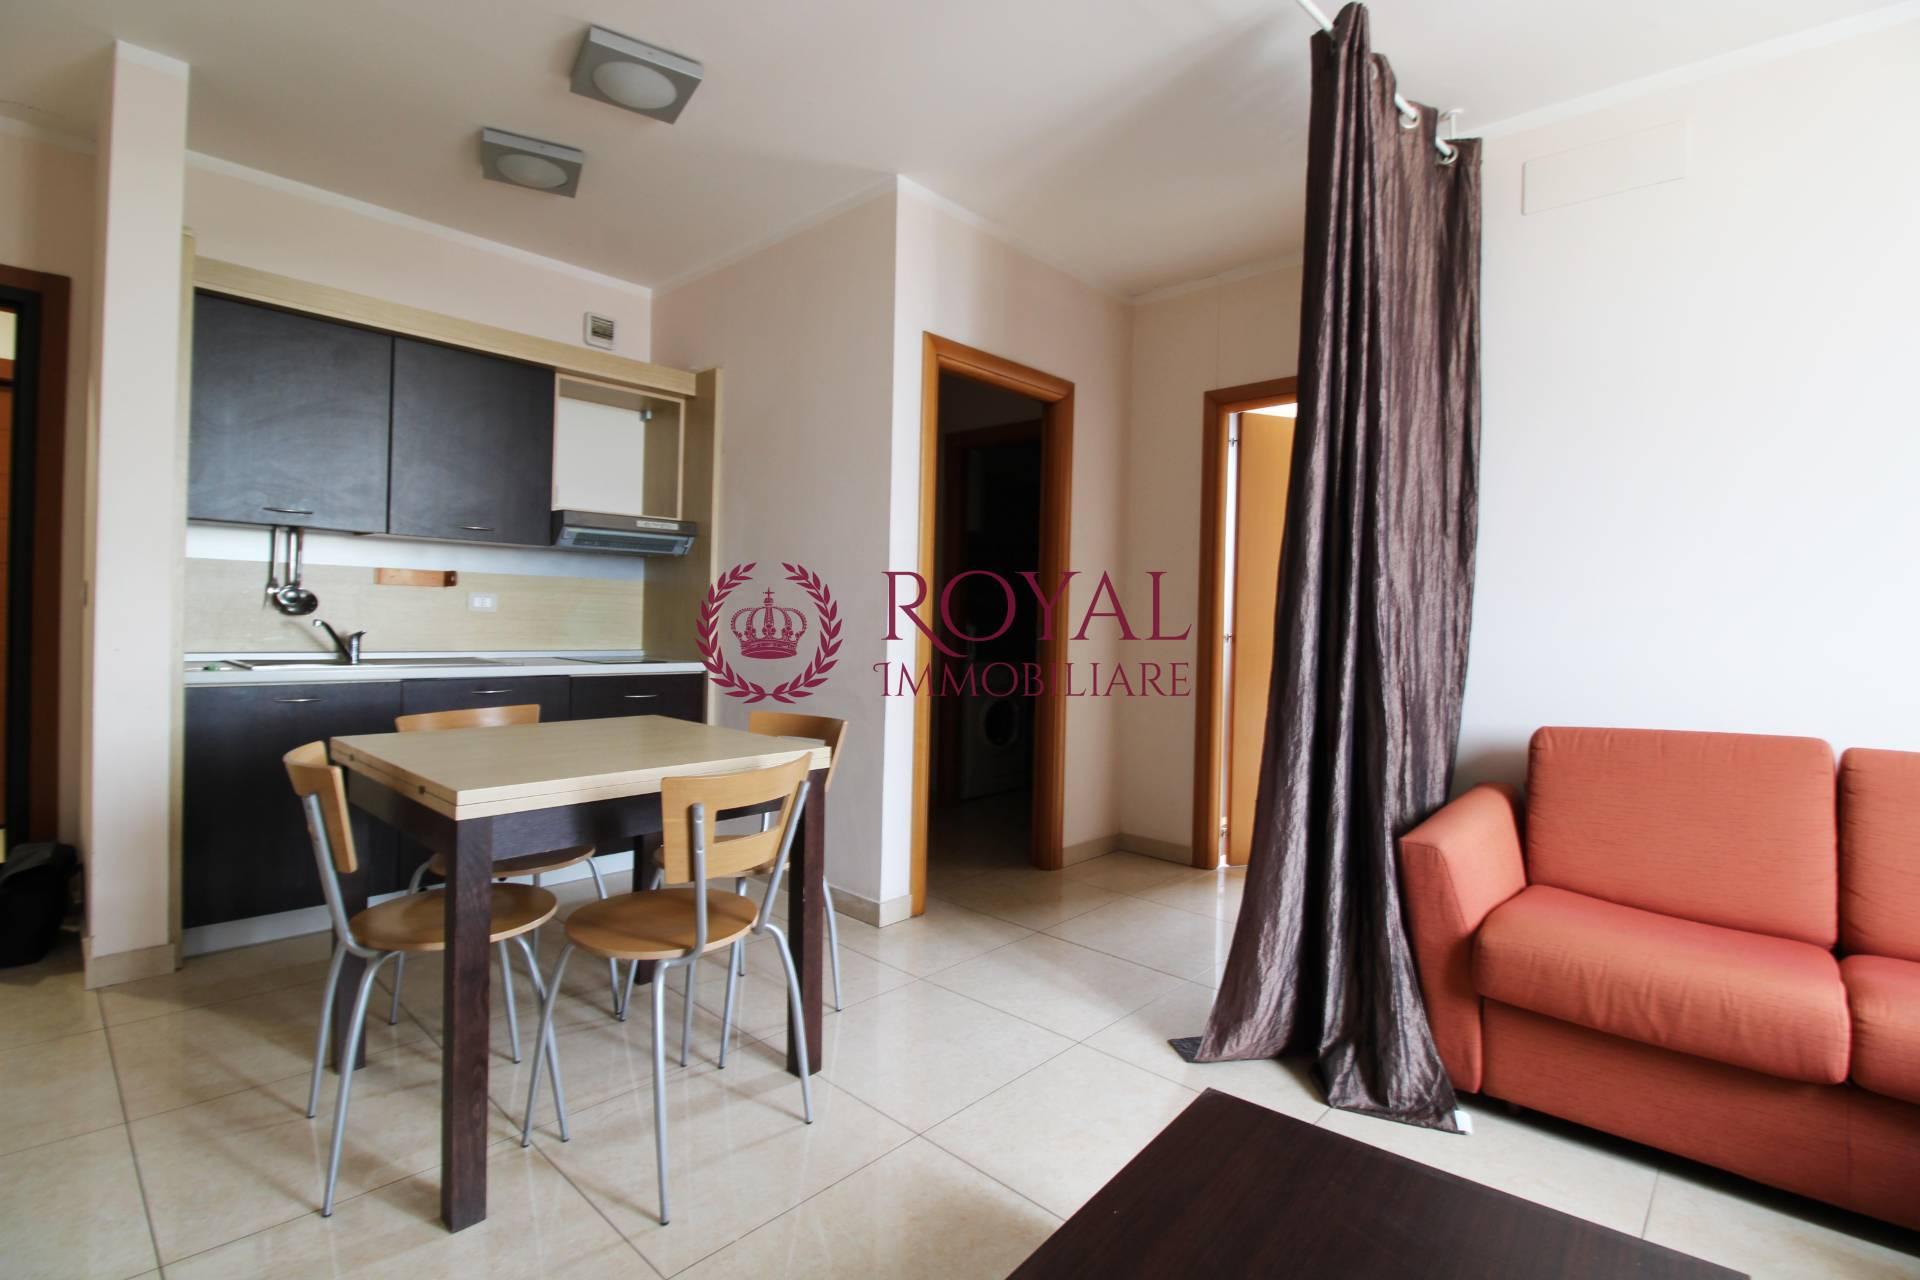 Appartamento in affitto a Porta A Terra, Livorno (LI)